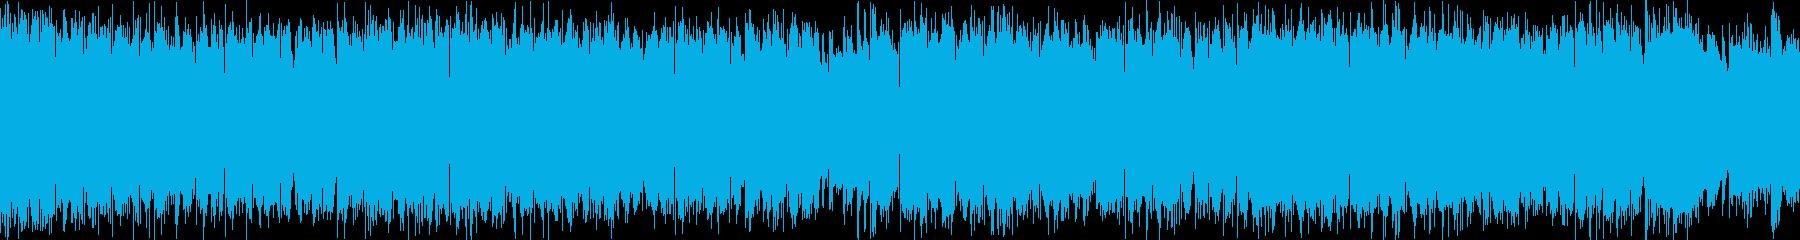 ポップで爽やかなEDM(30秒ループ)の再生済みの波形